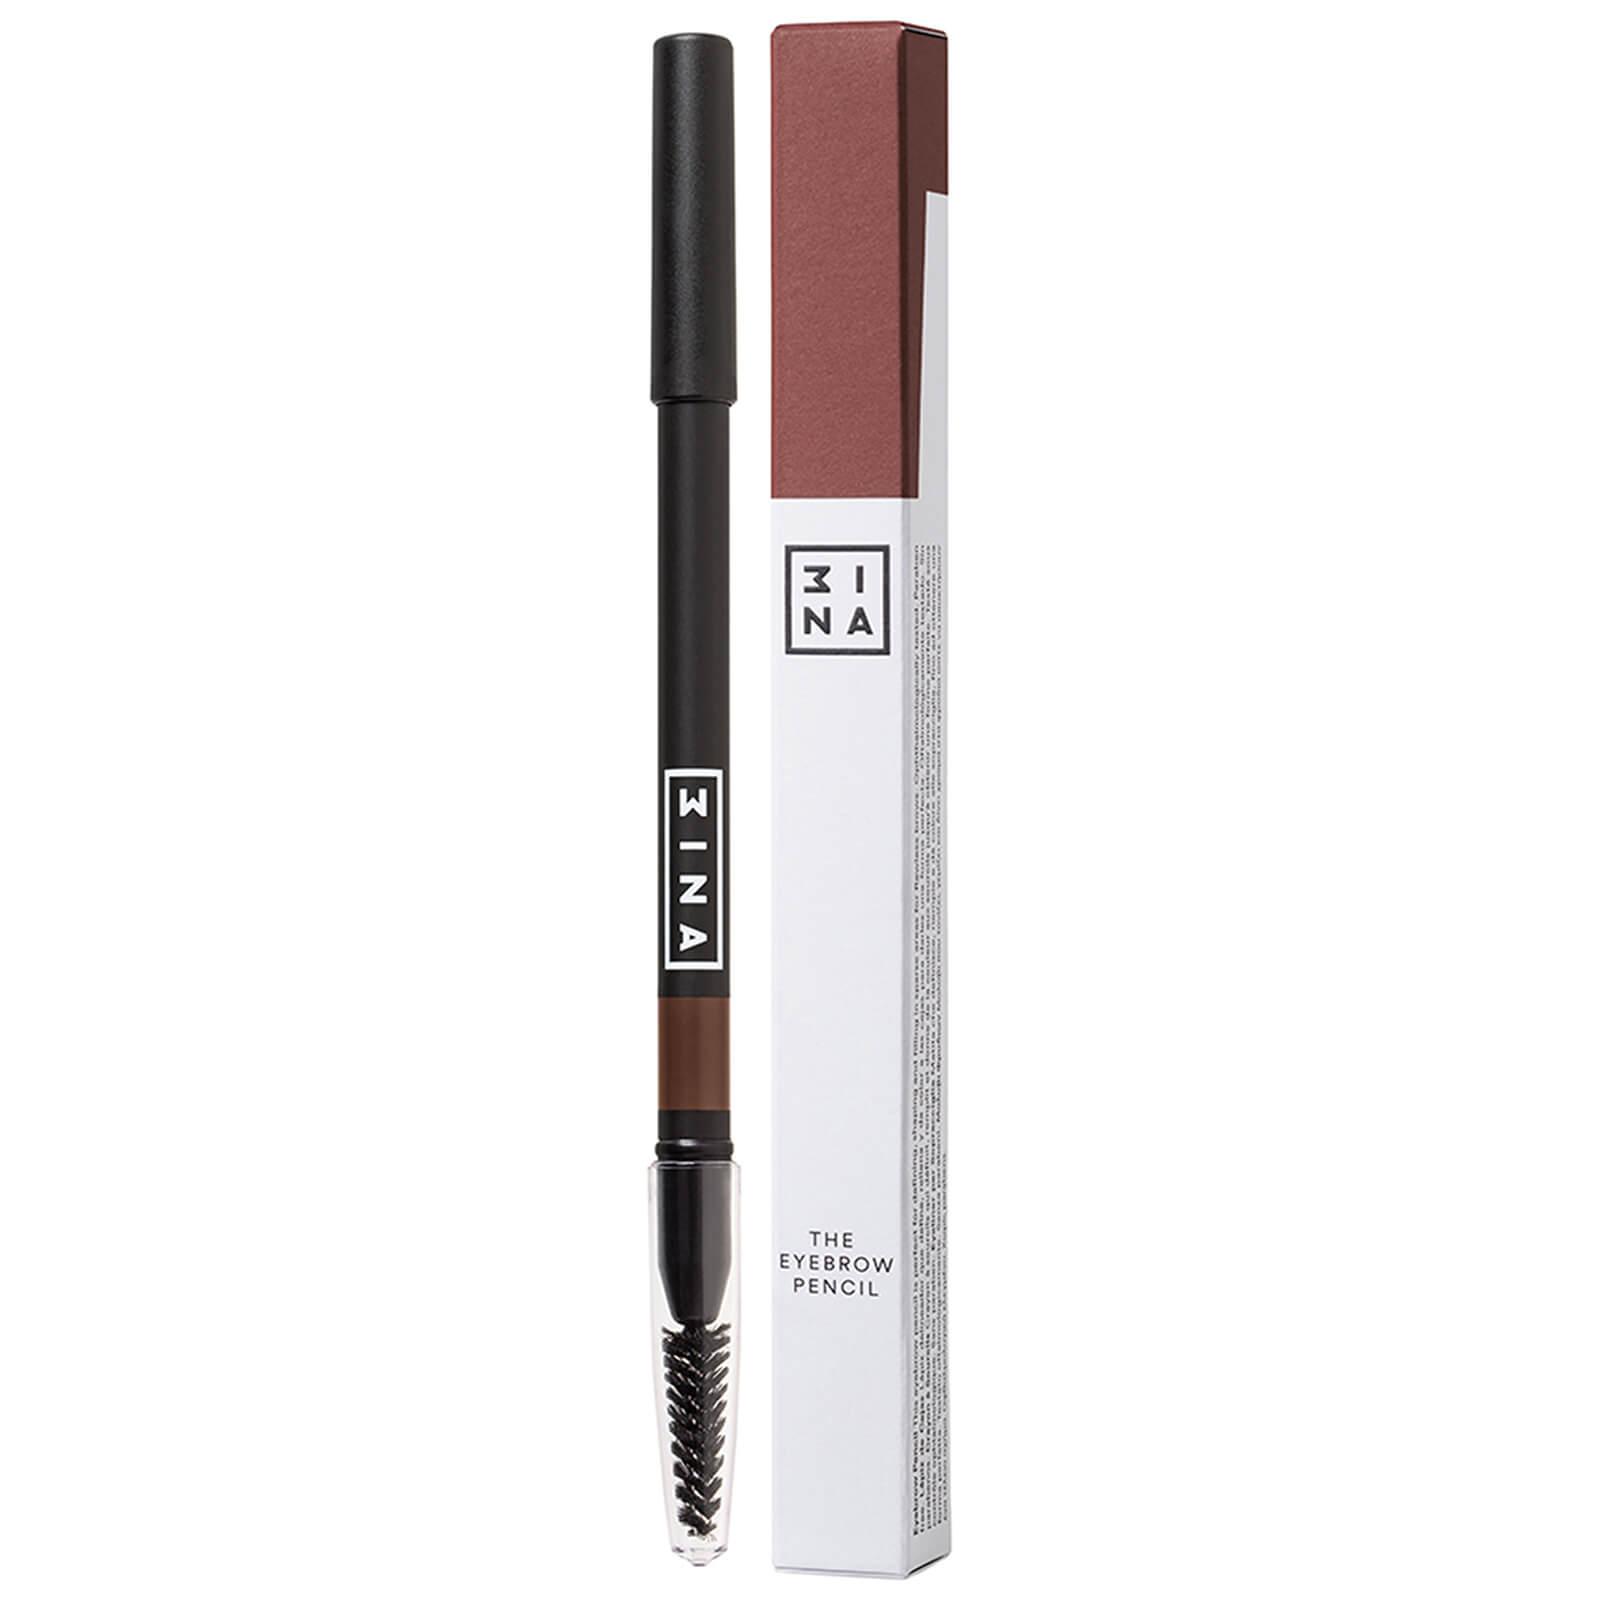 3INA Eyebrow Pencil (Various Shades) - 102